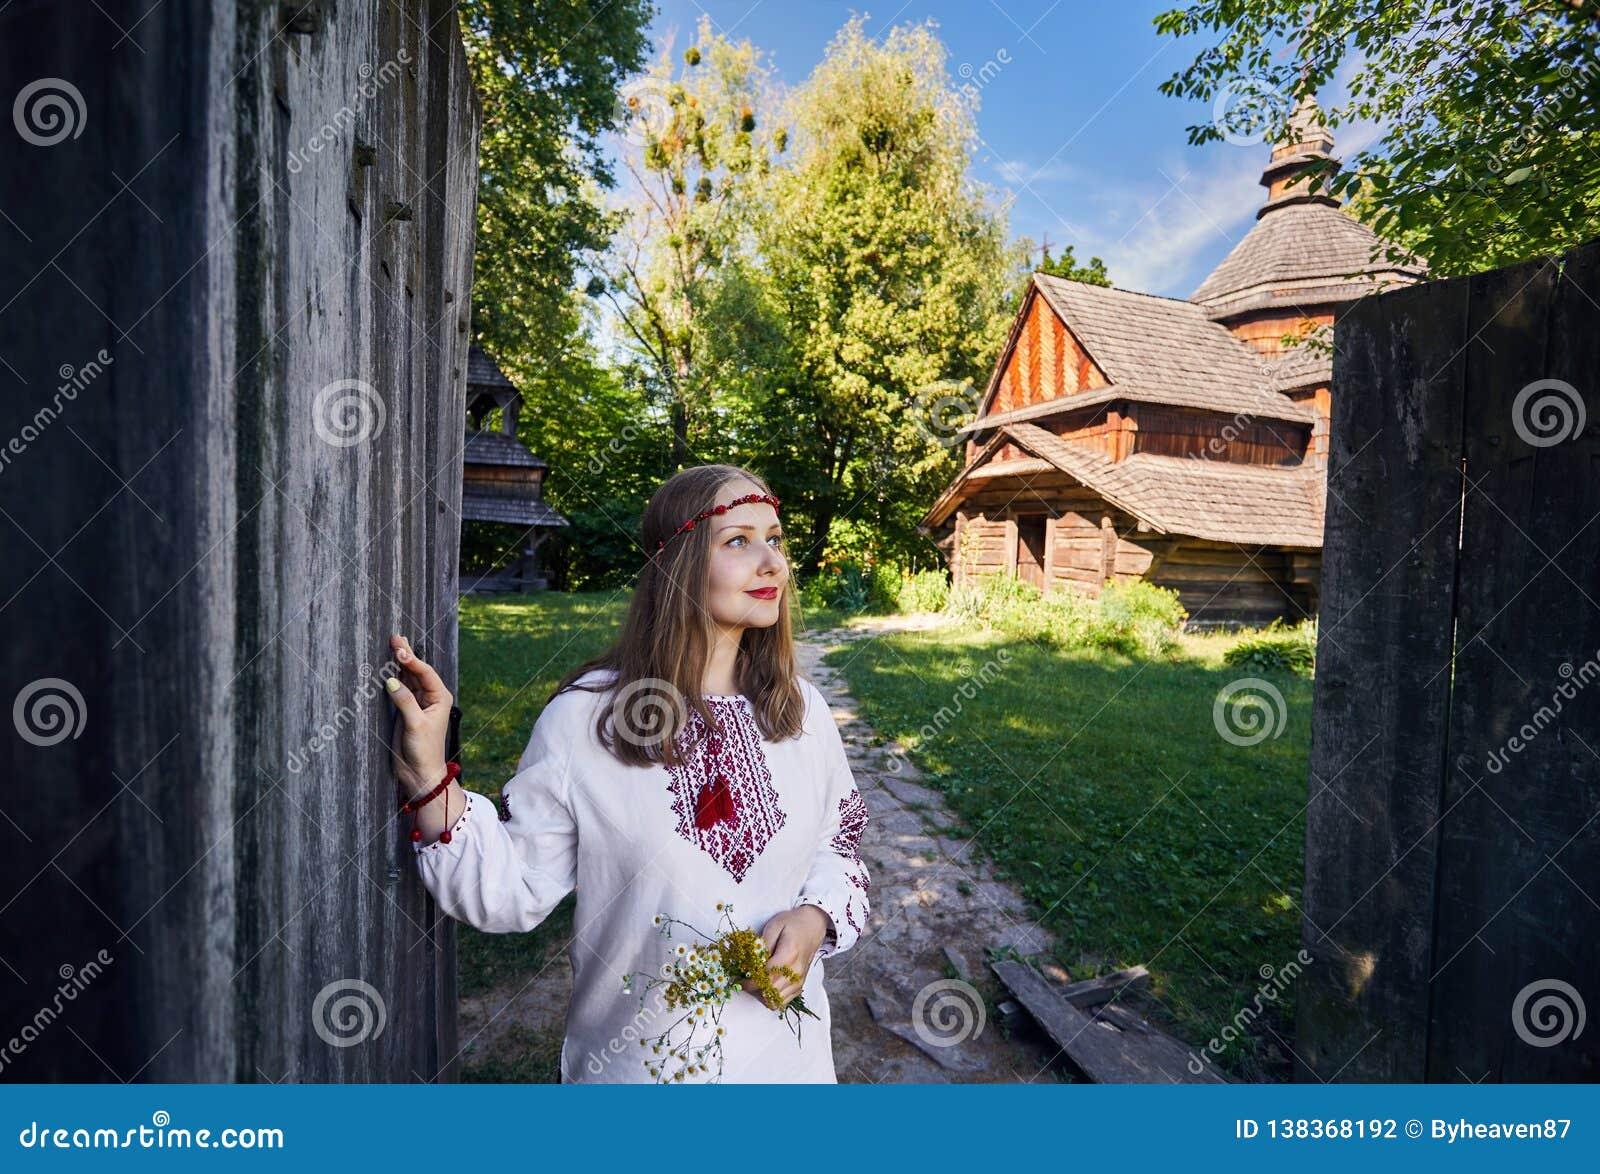 Ukrainische Frau im ethnischen Dorf